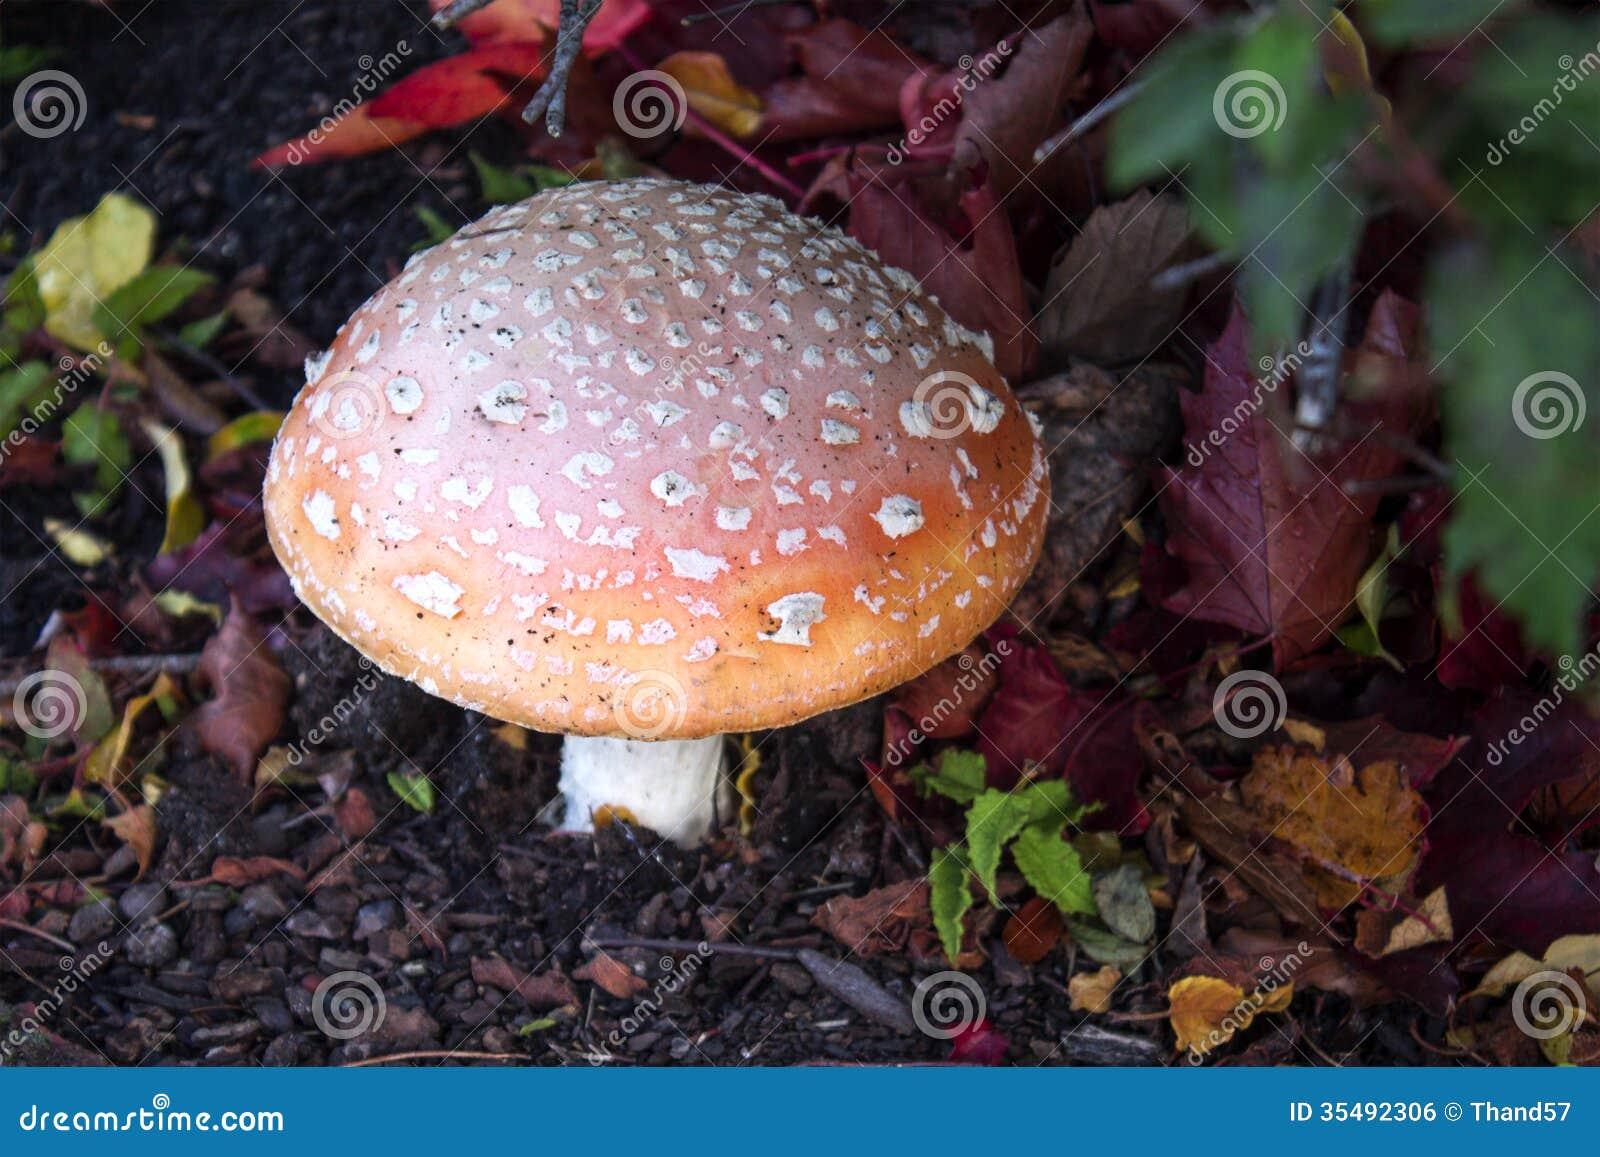 Colorful wild Mushroom